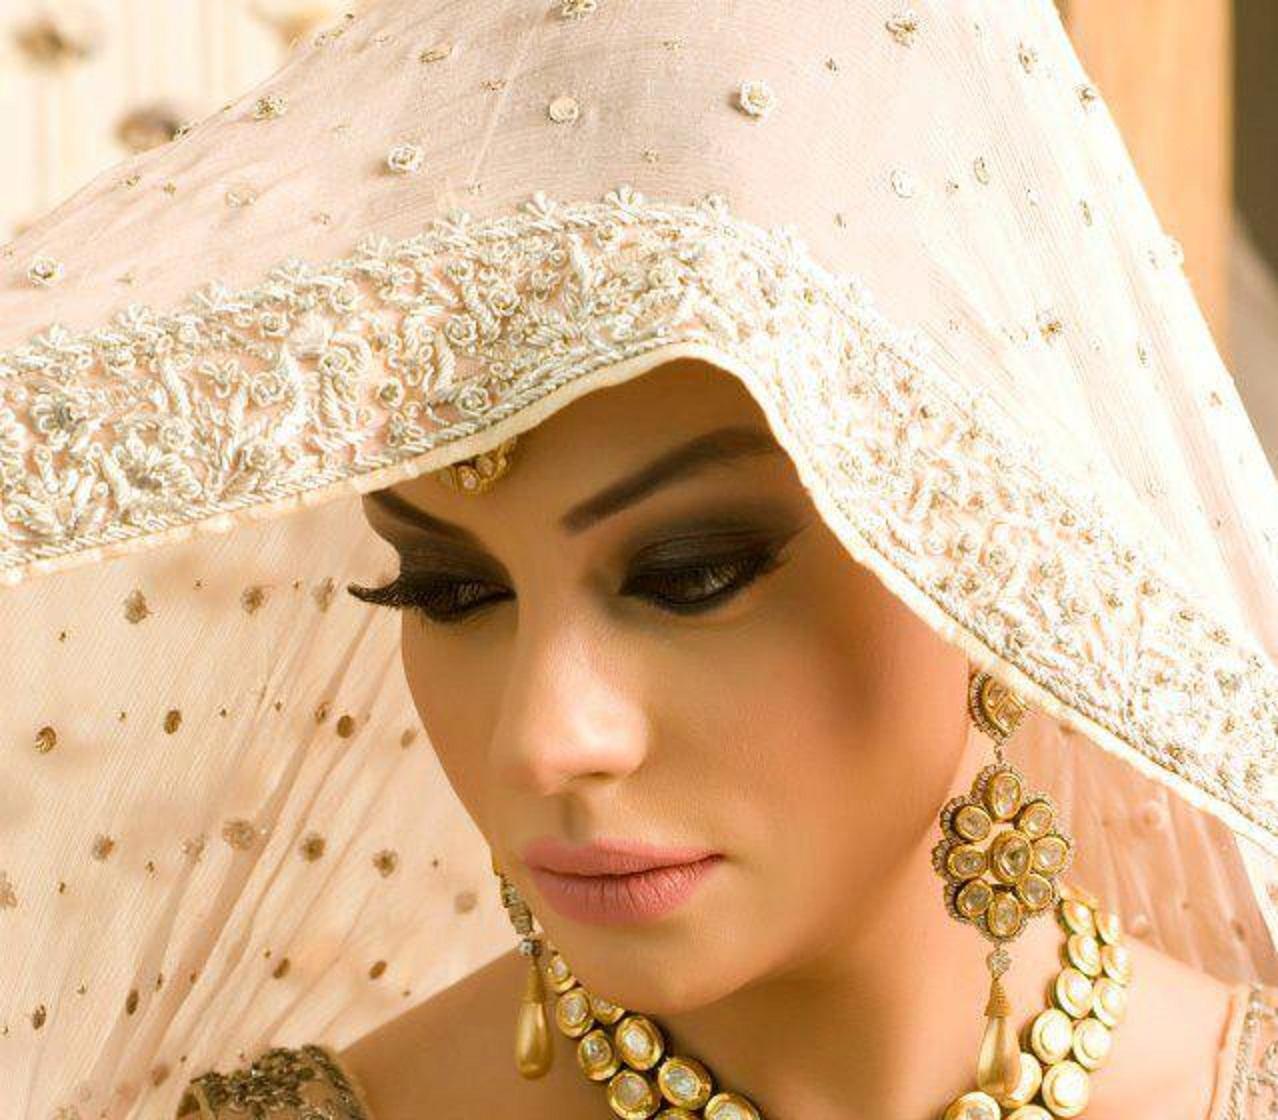 Beautiful Sadia Imam Images Hd Wallpaper All 4u Wallpaper